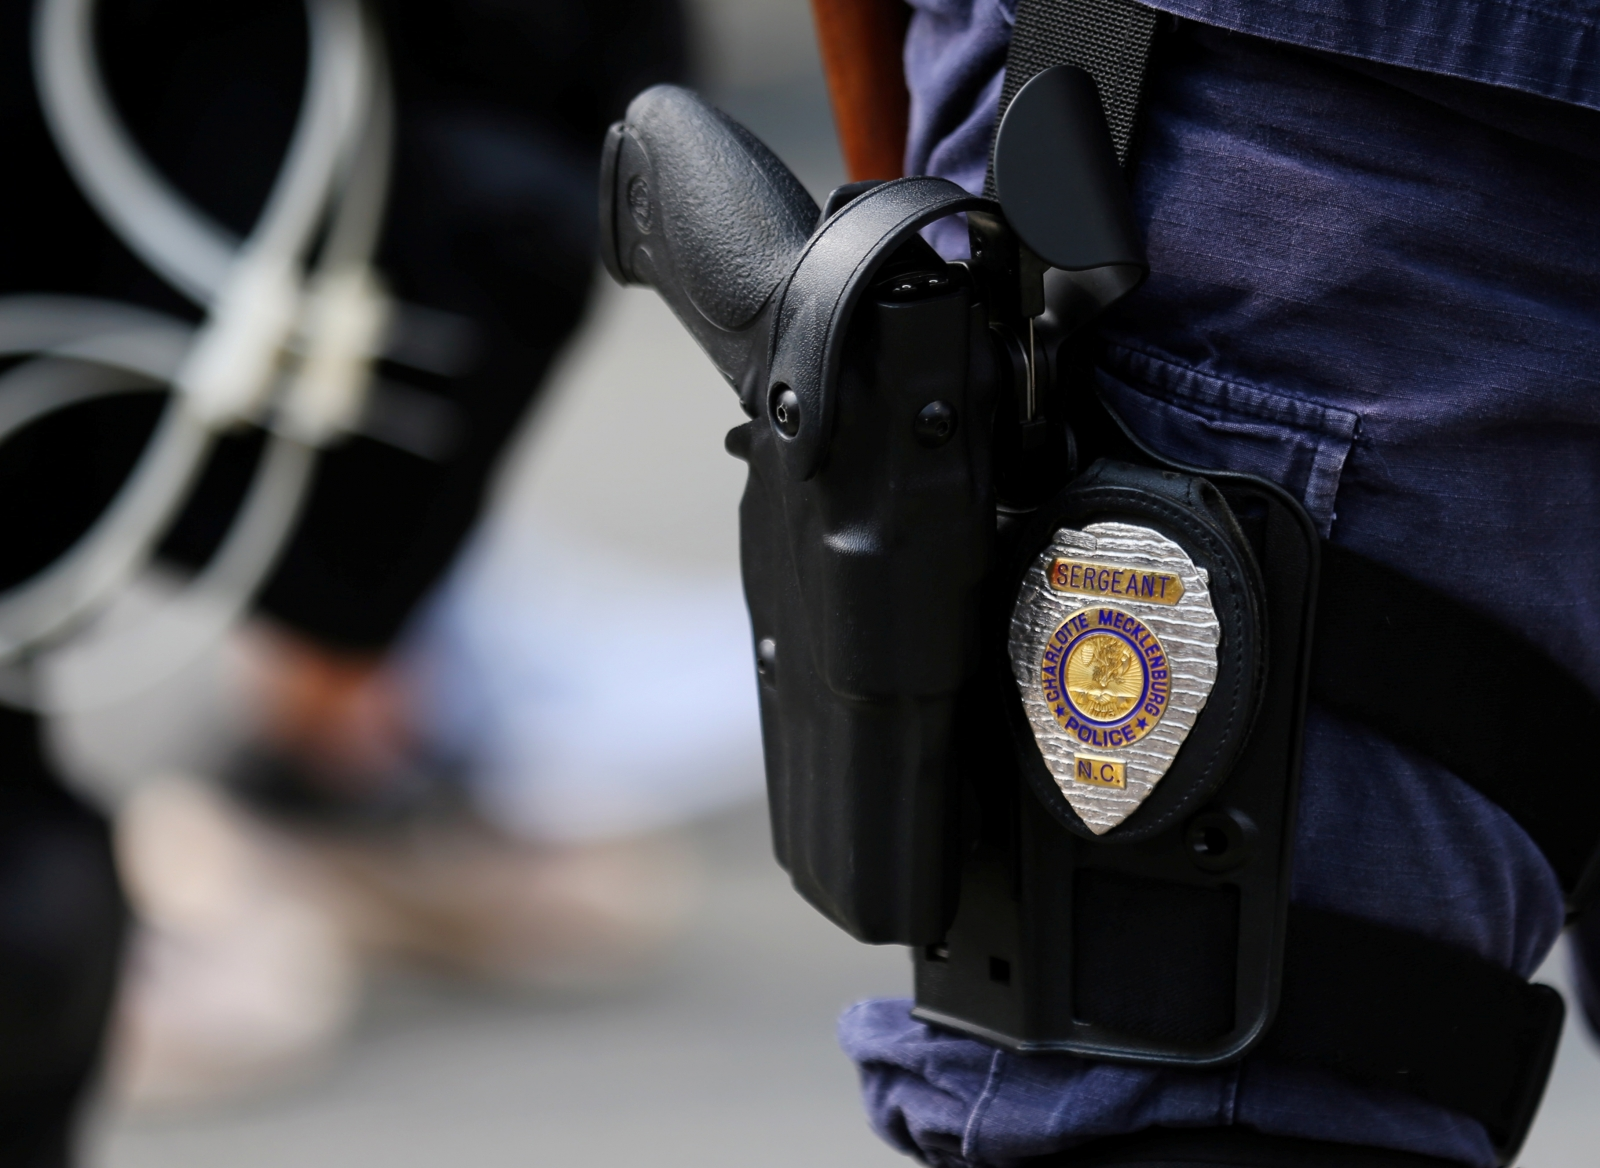 Badge and gun of North Carolina police